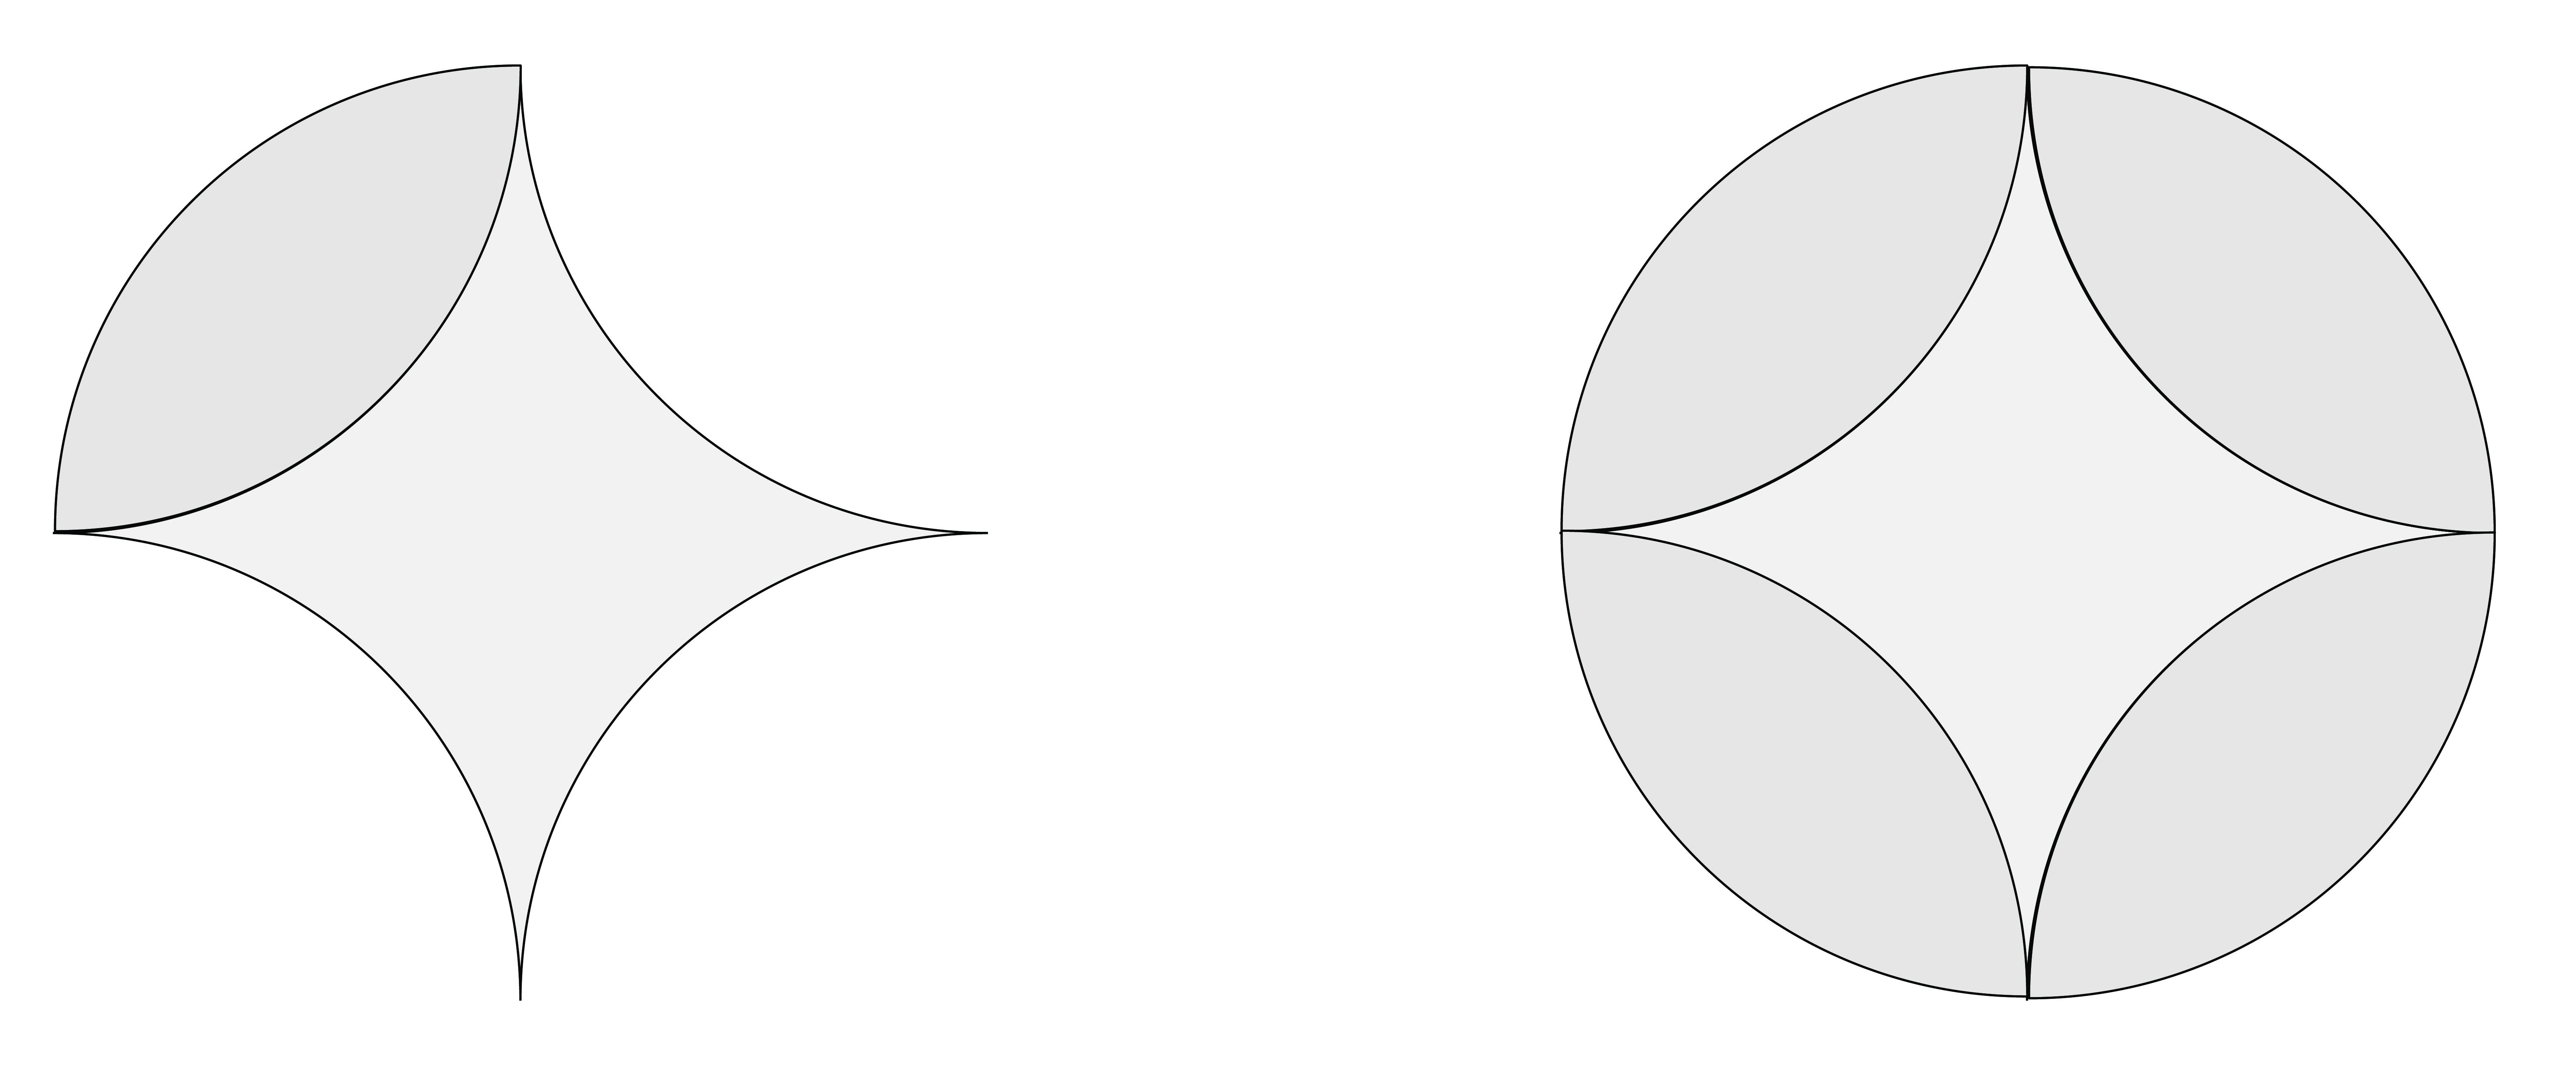 diagrams-02